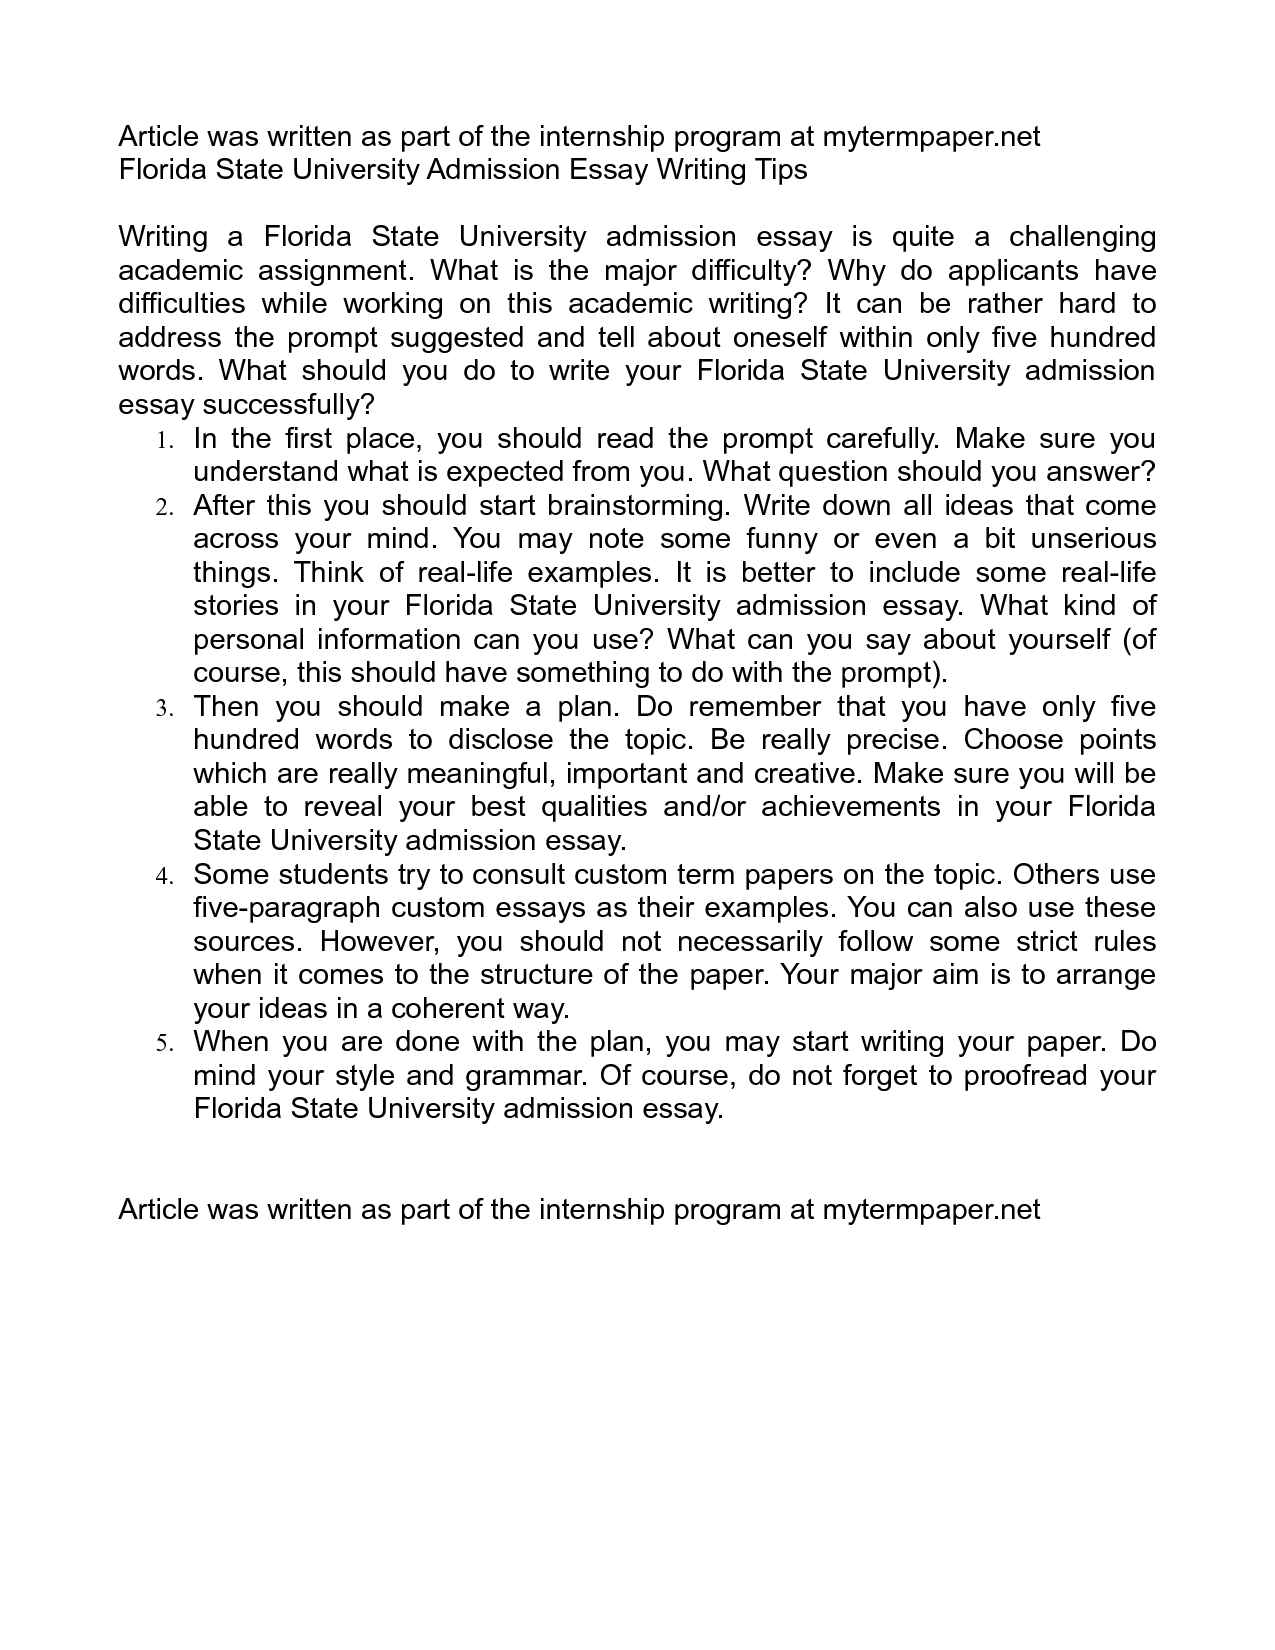 004 essay example fsu prompt thatsnotus